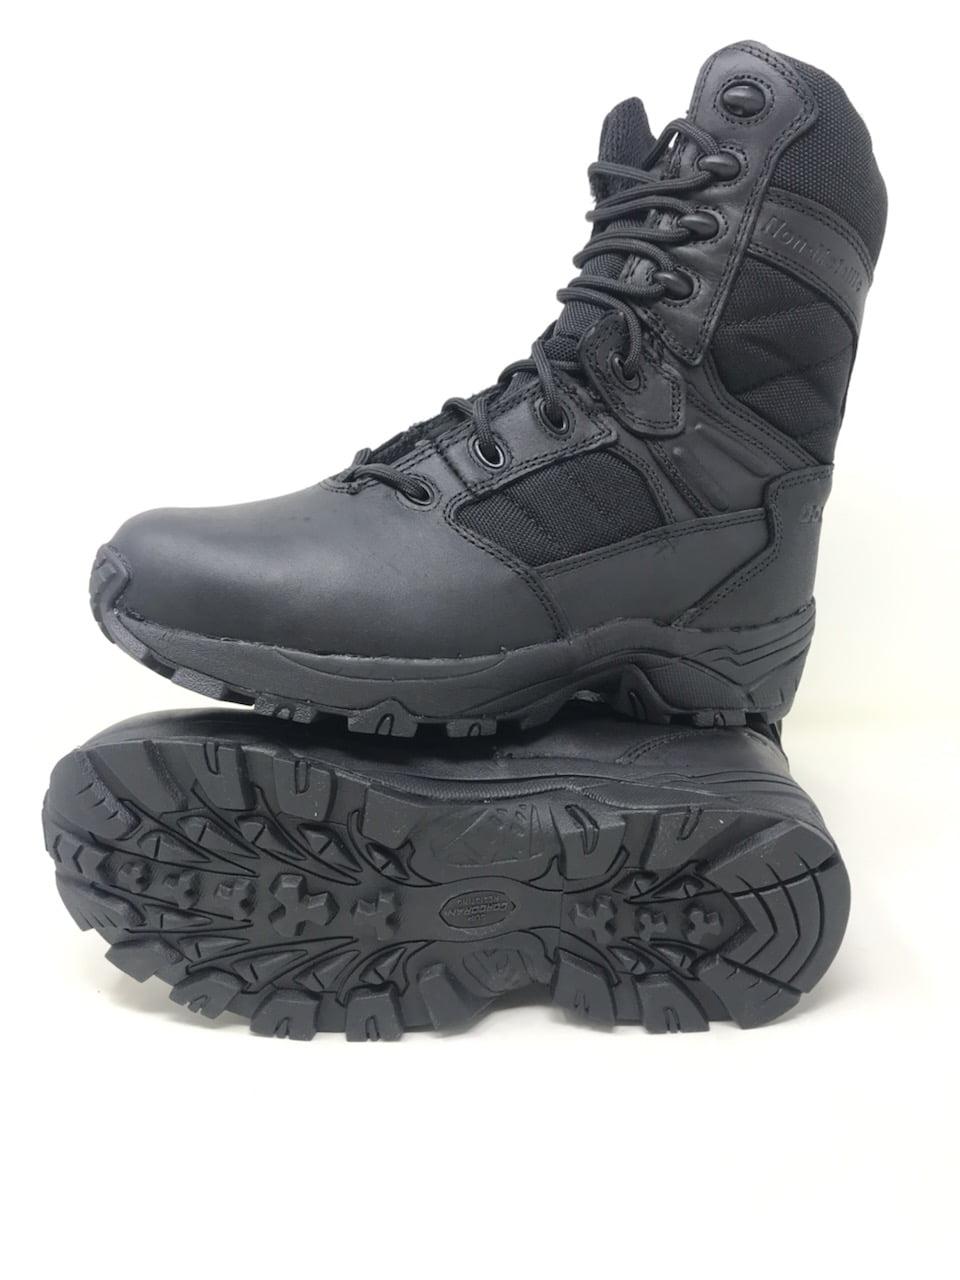 Corcoran Mens 8 Non-Metallic Tactical Boots Black 10.5 Medium CV5001